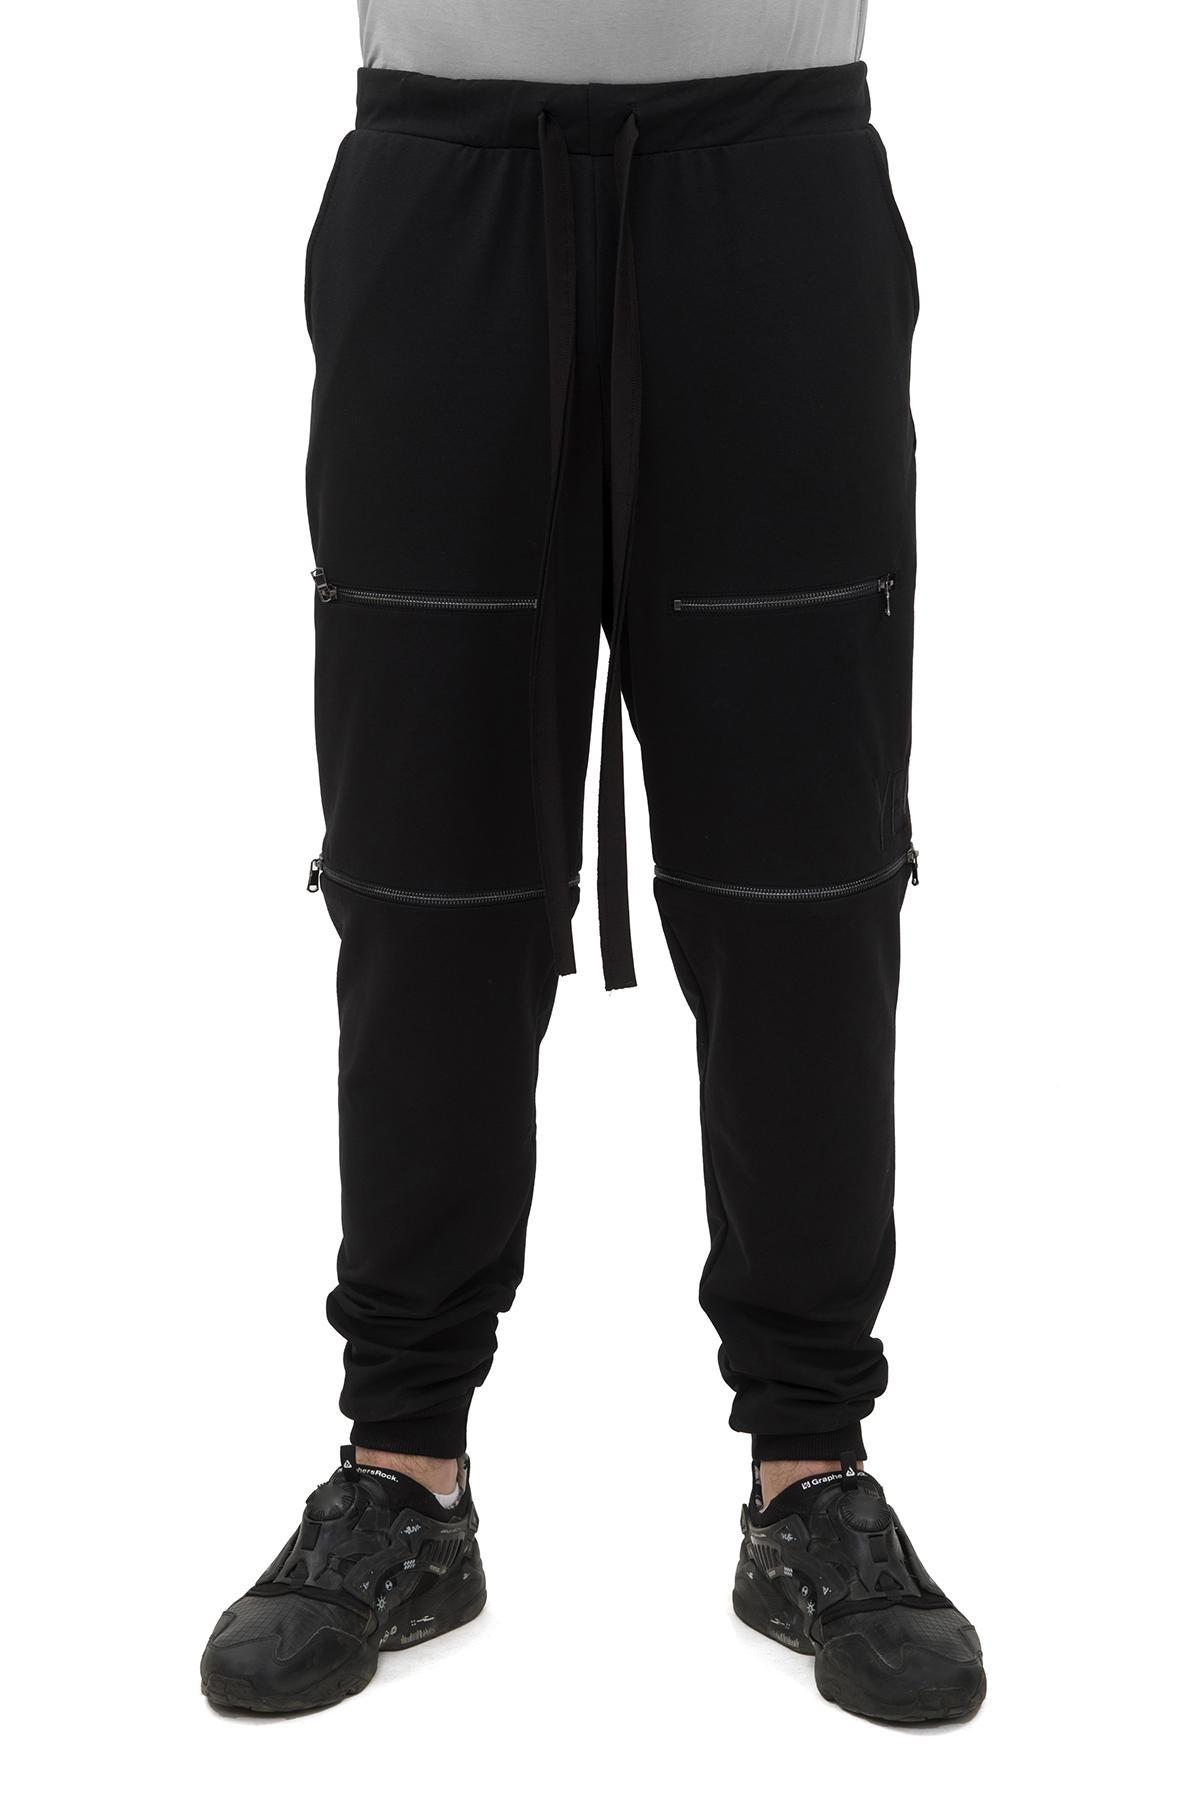 БрюкиБрюки, джинсы, шорты от производителя<br>Шорты-брюки брендаPavel Yerokinвыполнены из плотного трикотажа. Особенности: прямой крой, эластичный пояс и манжеты, шнуровка, два боковых кармана, два передних кармана с застежкой-молнией.<br><br>Цвет: черный<br>Состав: Хлопок - 80%, Полиэстер - 14%, Эластан - 6%<br>Размер: 44,46,54<br>Страна дизайна: Россия<br>Страна производства: Россия